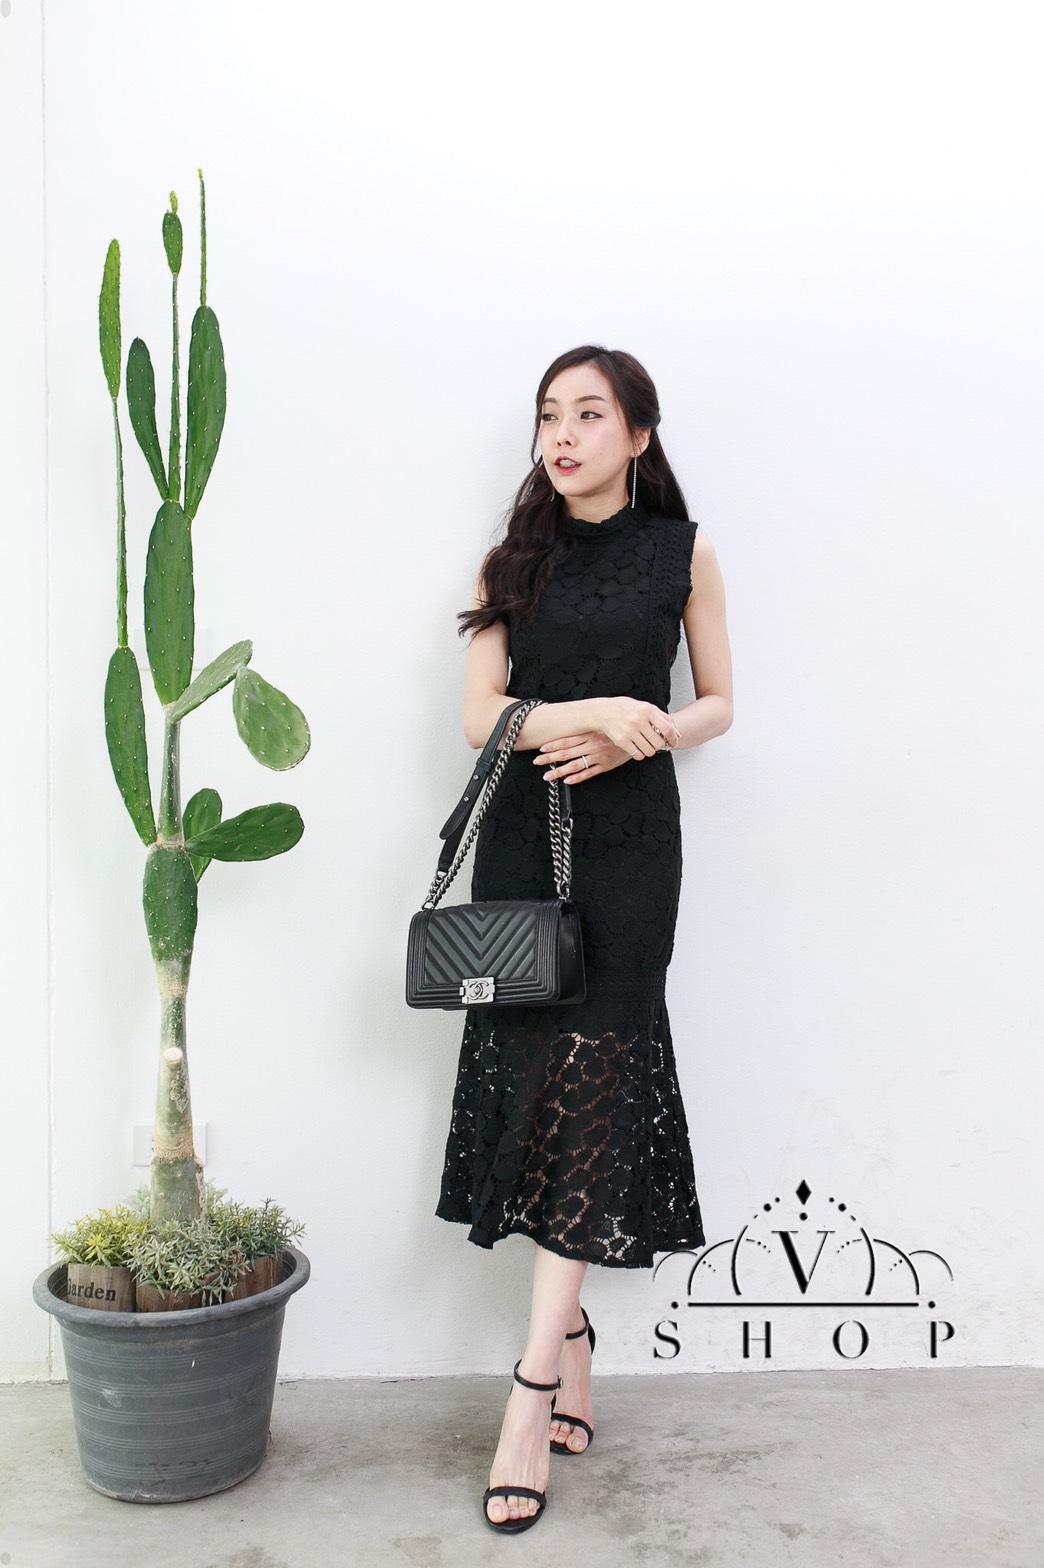 แฟชั่นชุดเซ็ทสีดำ เสื้อครอปแขนกุด + กระโปรงยาวเอวสูง ผ้าลูกไม้ น่ารัก